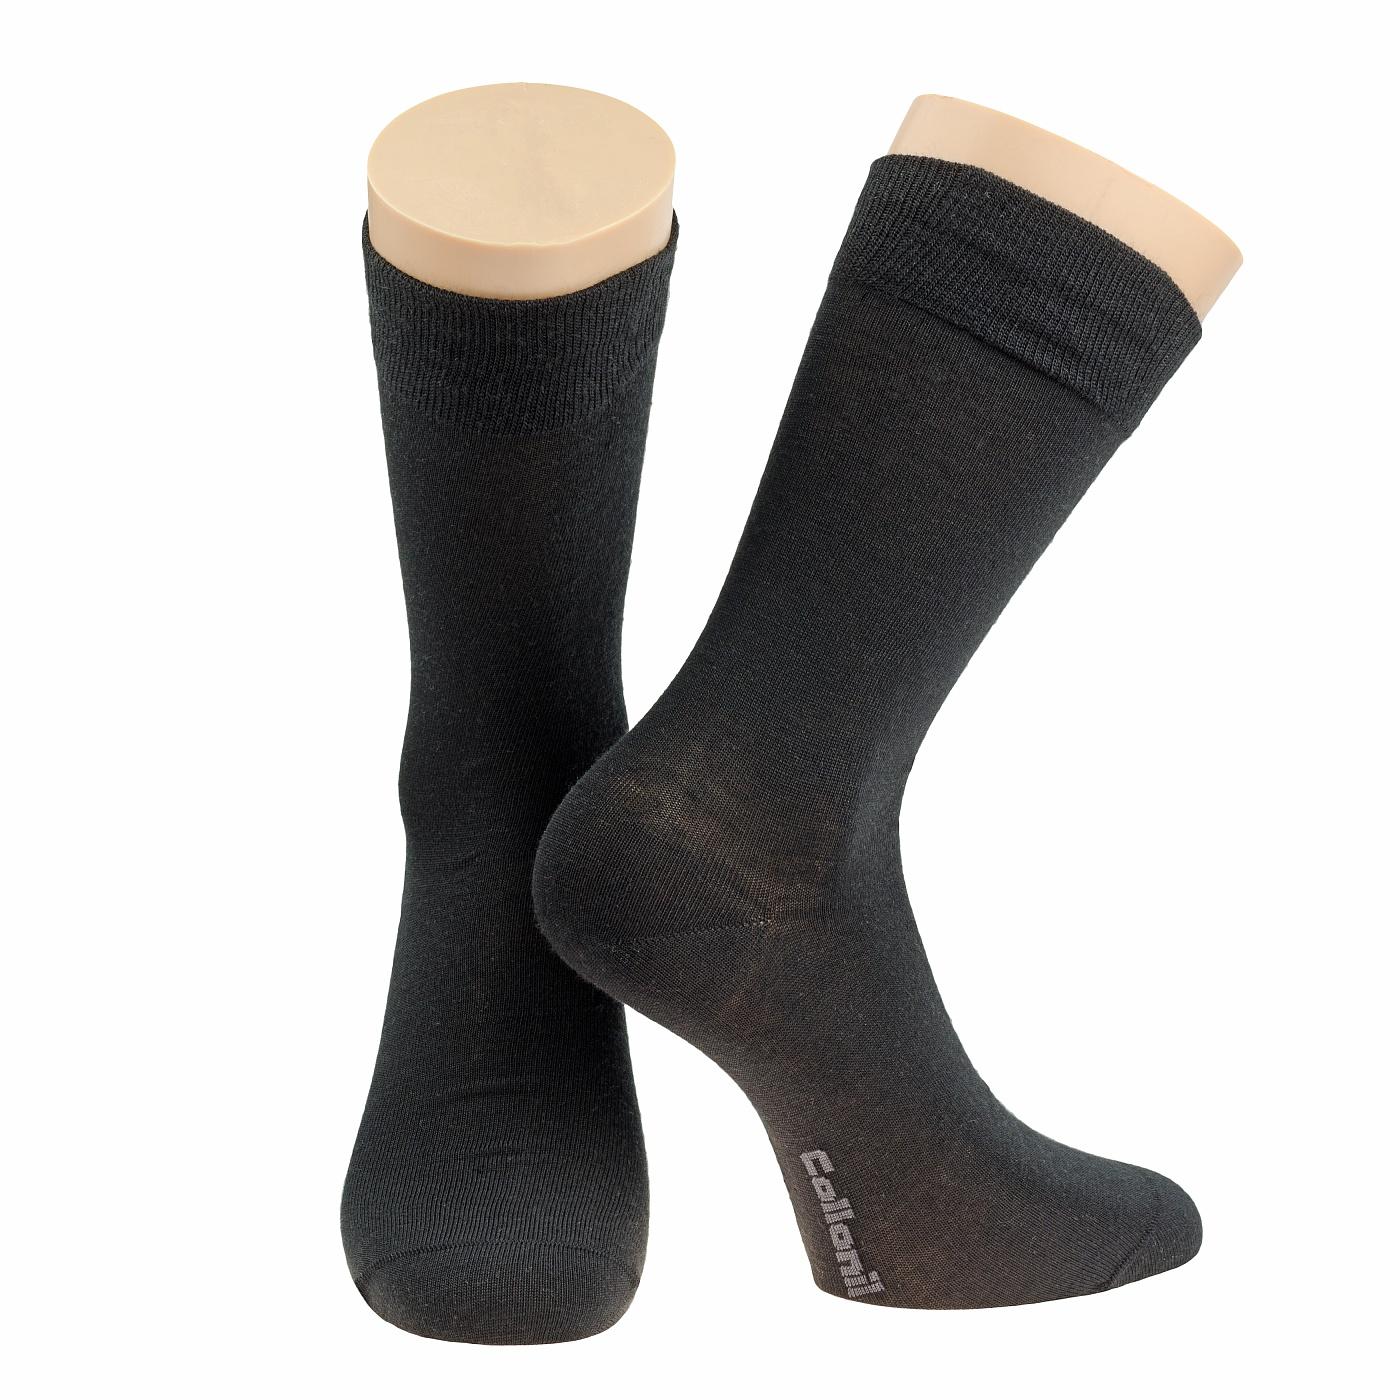 Носки2-03/01Мужские носки Collonil изготовлены из шерсти и термолайта (уникальное волокно, обеспечивающее максимум комфорта в холодное время). Носки с удлиненным паголенком. Широкая резинка не сдавливает и комфортно облегает ногу.